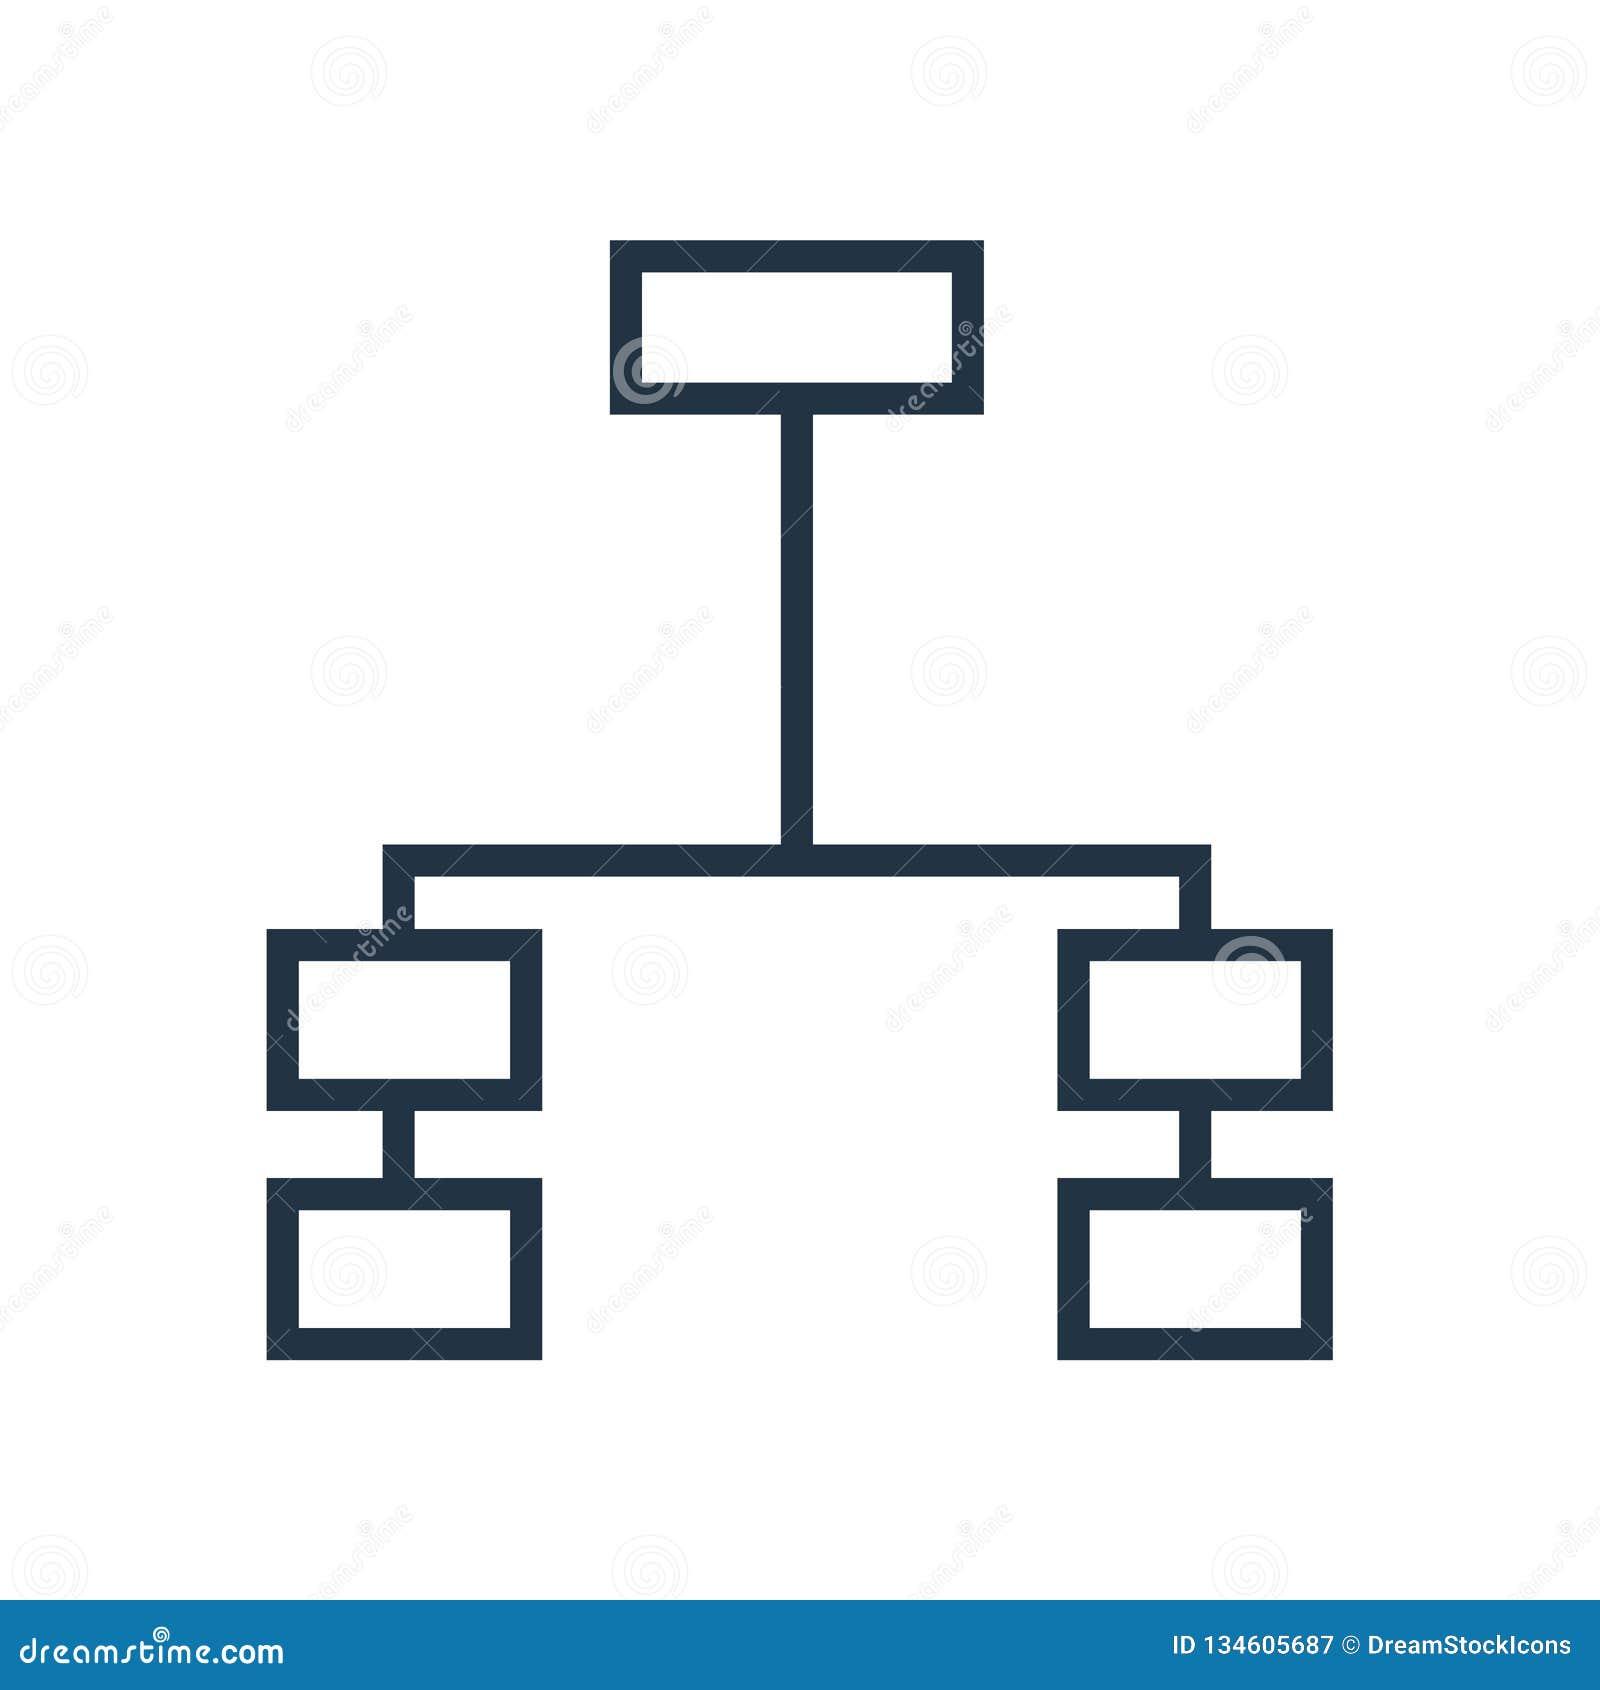 Symbolsvektor för hierarkisk struktur som isoleras på vit bakgrund, tecken för hierarkisk struktur